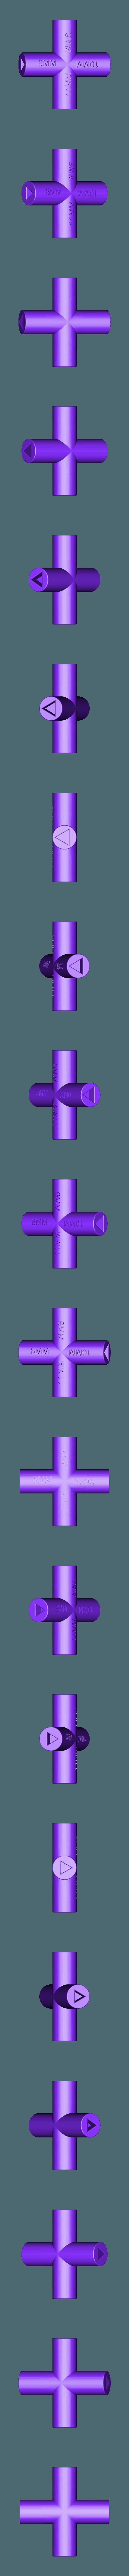 Clef Multipass 8-9-10-11MM Version L.stl Télécharger fichier STL gratuit MAGIK-TRASH3D - Clefs triangle pour poubelles recyclables jaunes  • Objet à imprimer en 3D, Bobypeche